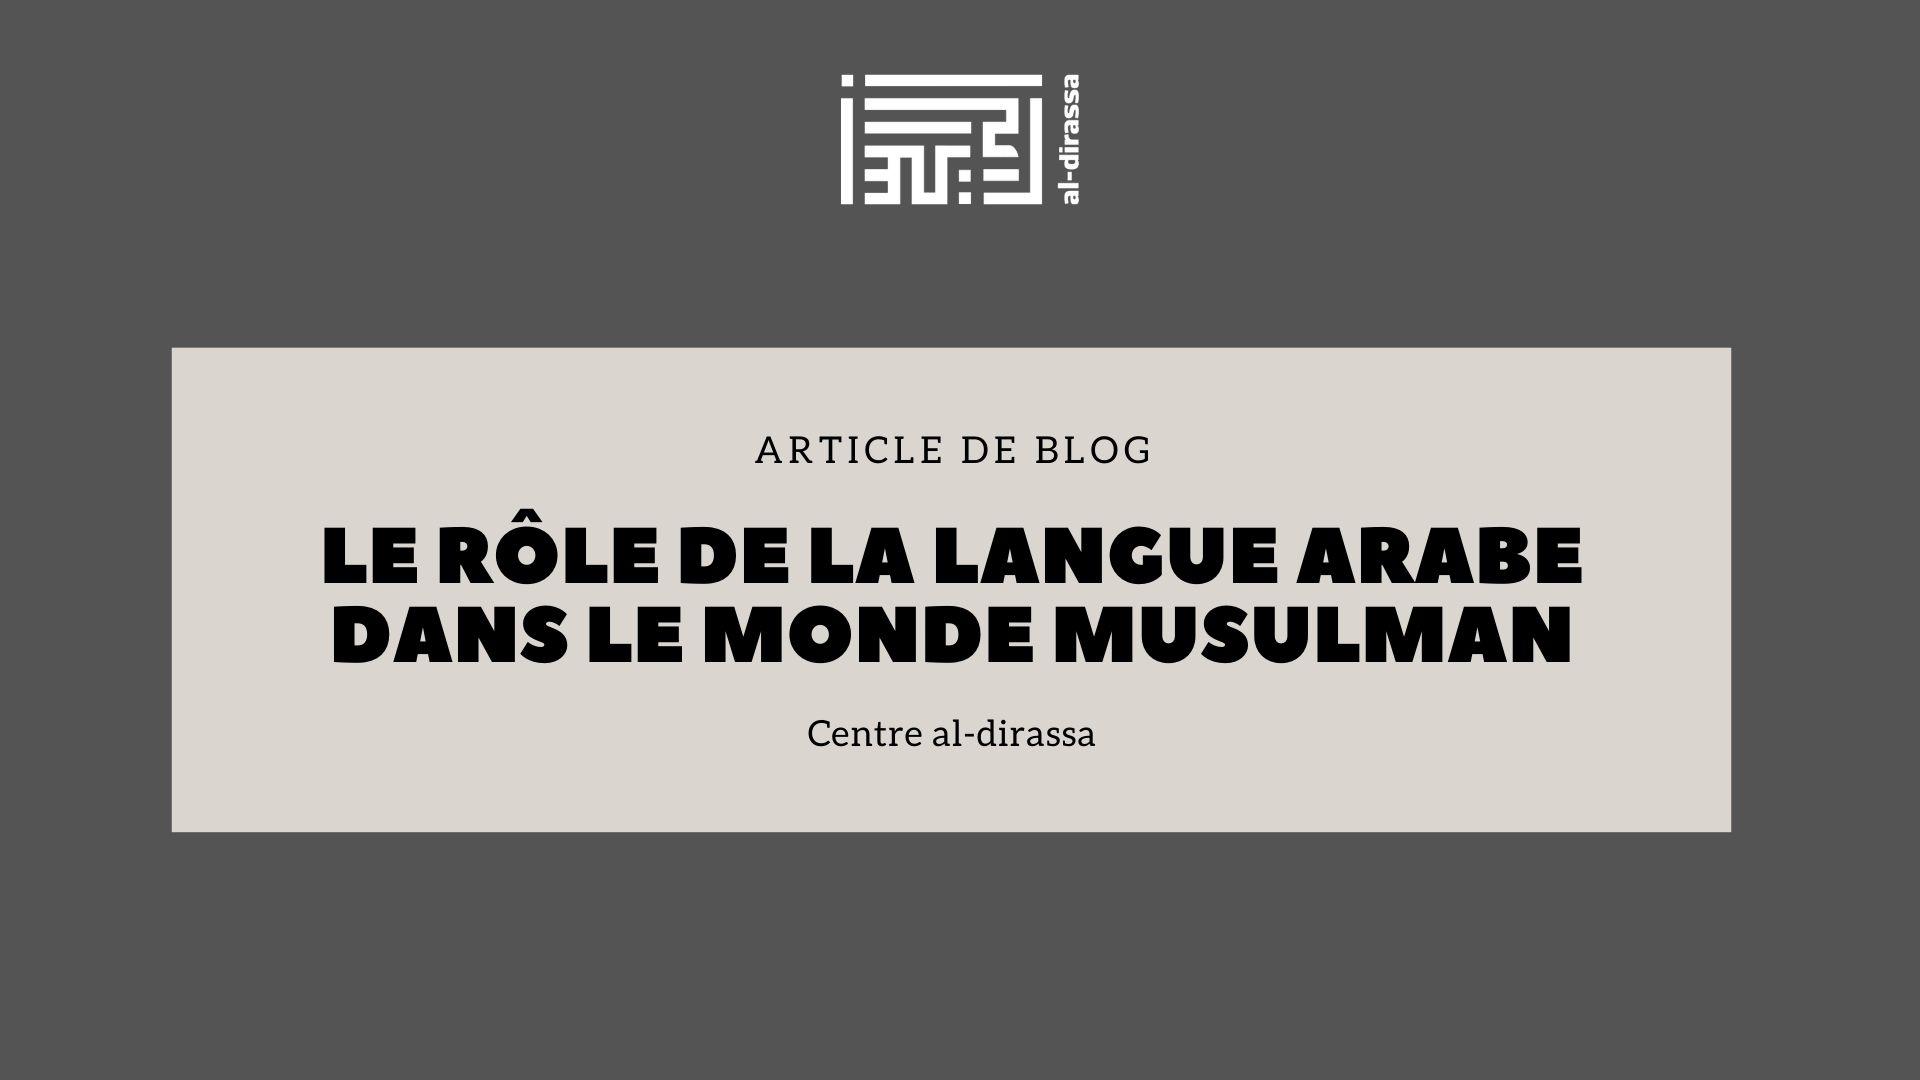 Le rôle de la langue arabe dans le monde musulman